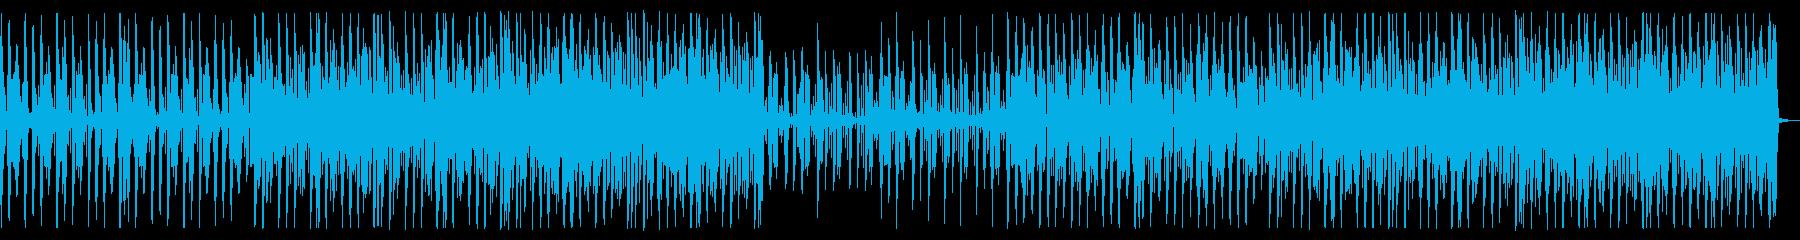 淡白な雰囲気のハウス_No539の再生済みの波形